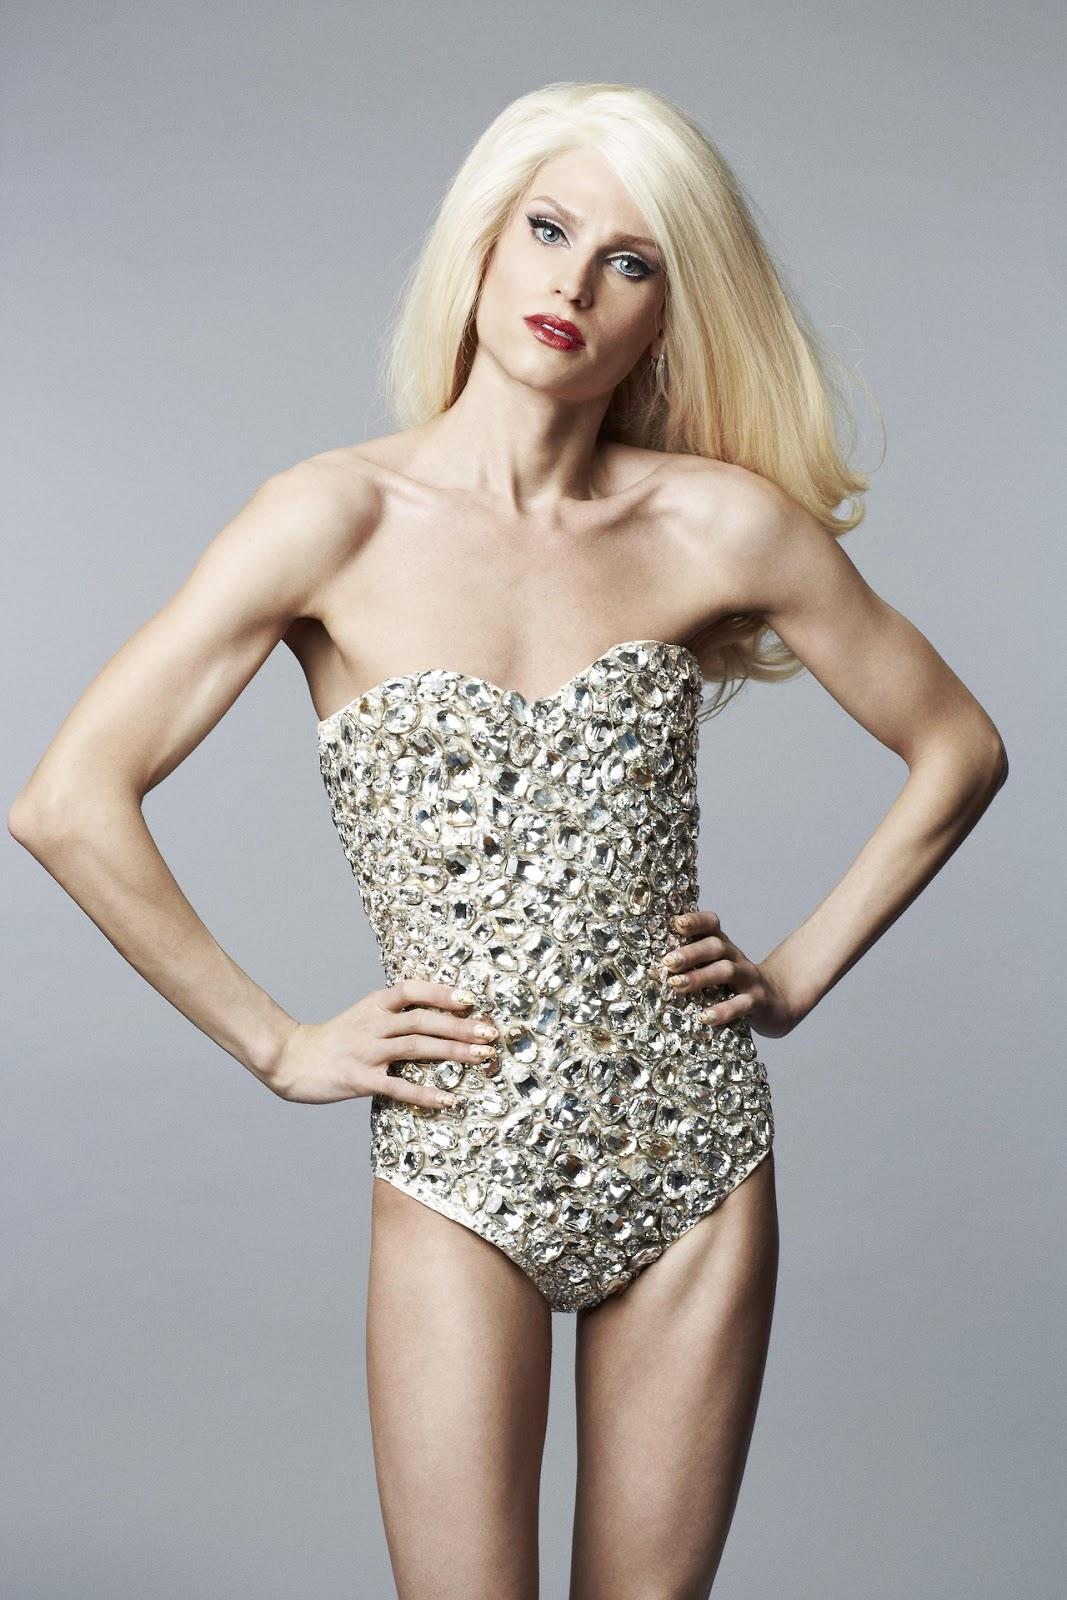 The Blonds by Danielle Levitt4